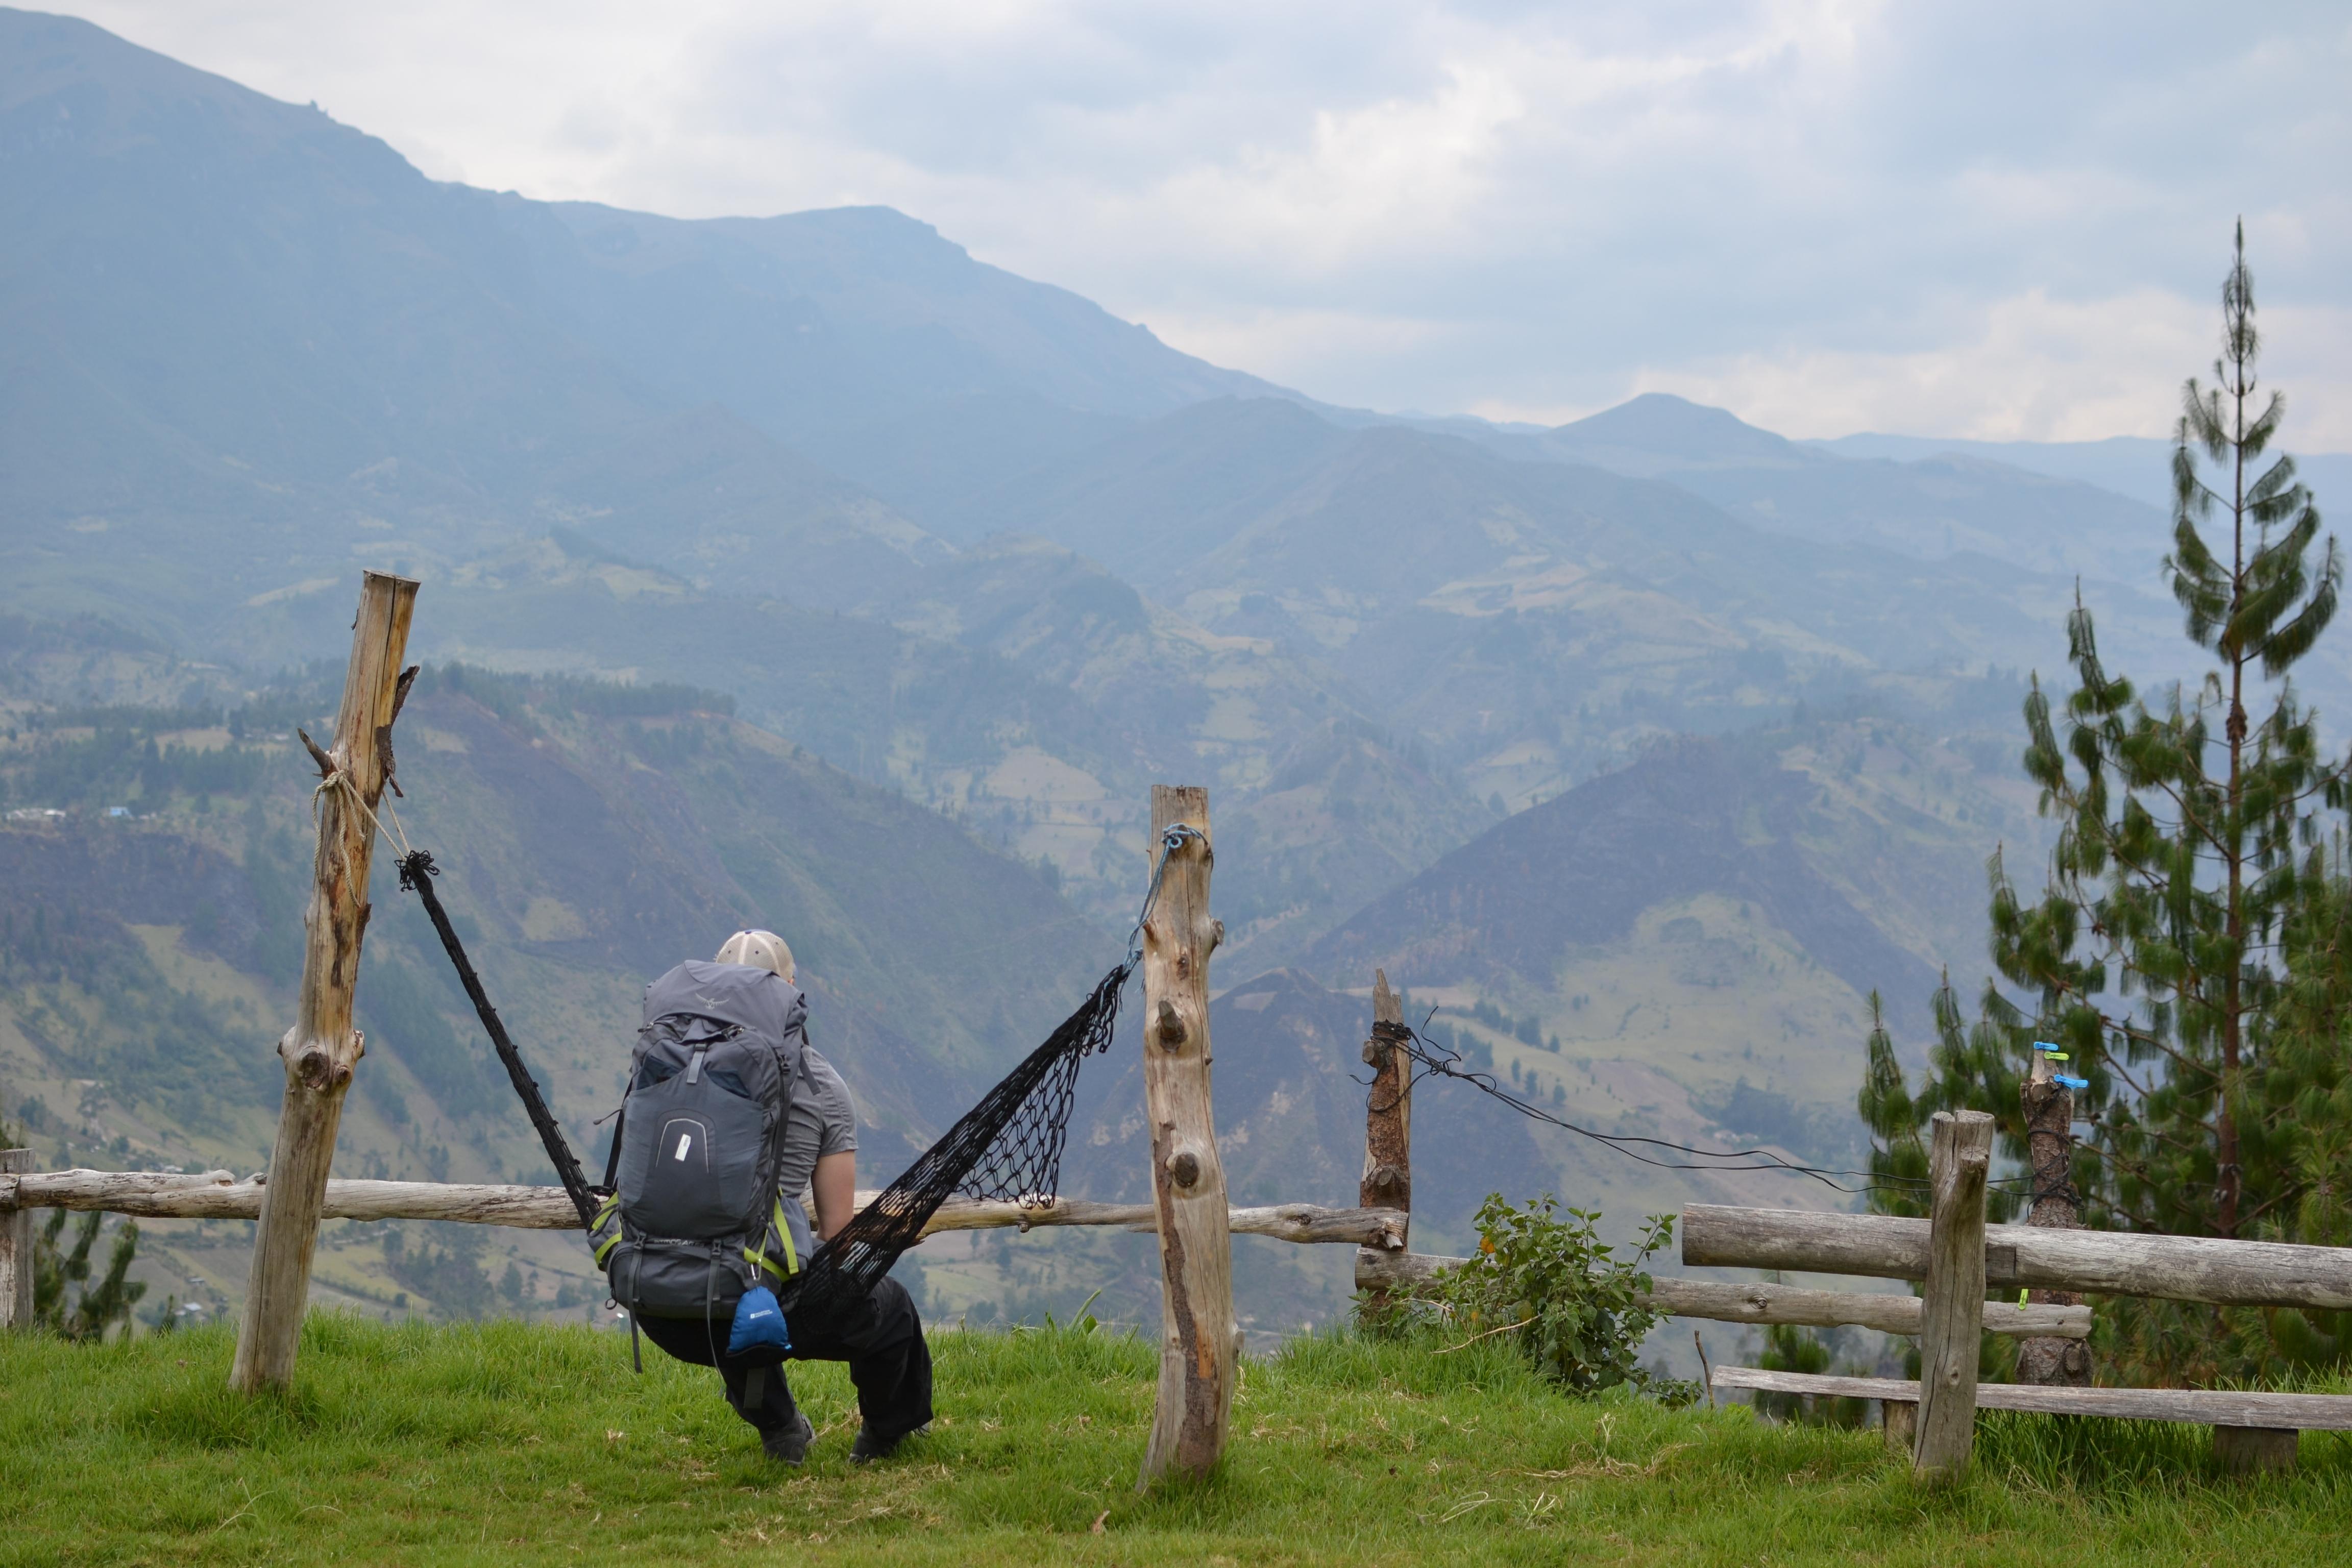 Circuito Quilotoa : Our quilotoa loop adventure u arnie amanda s grand adventure